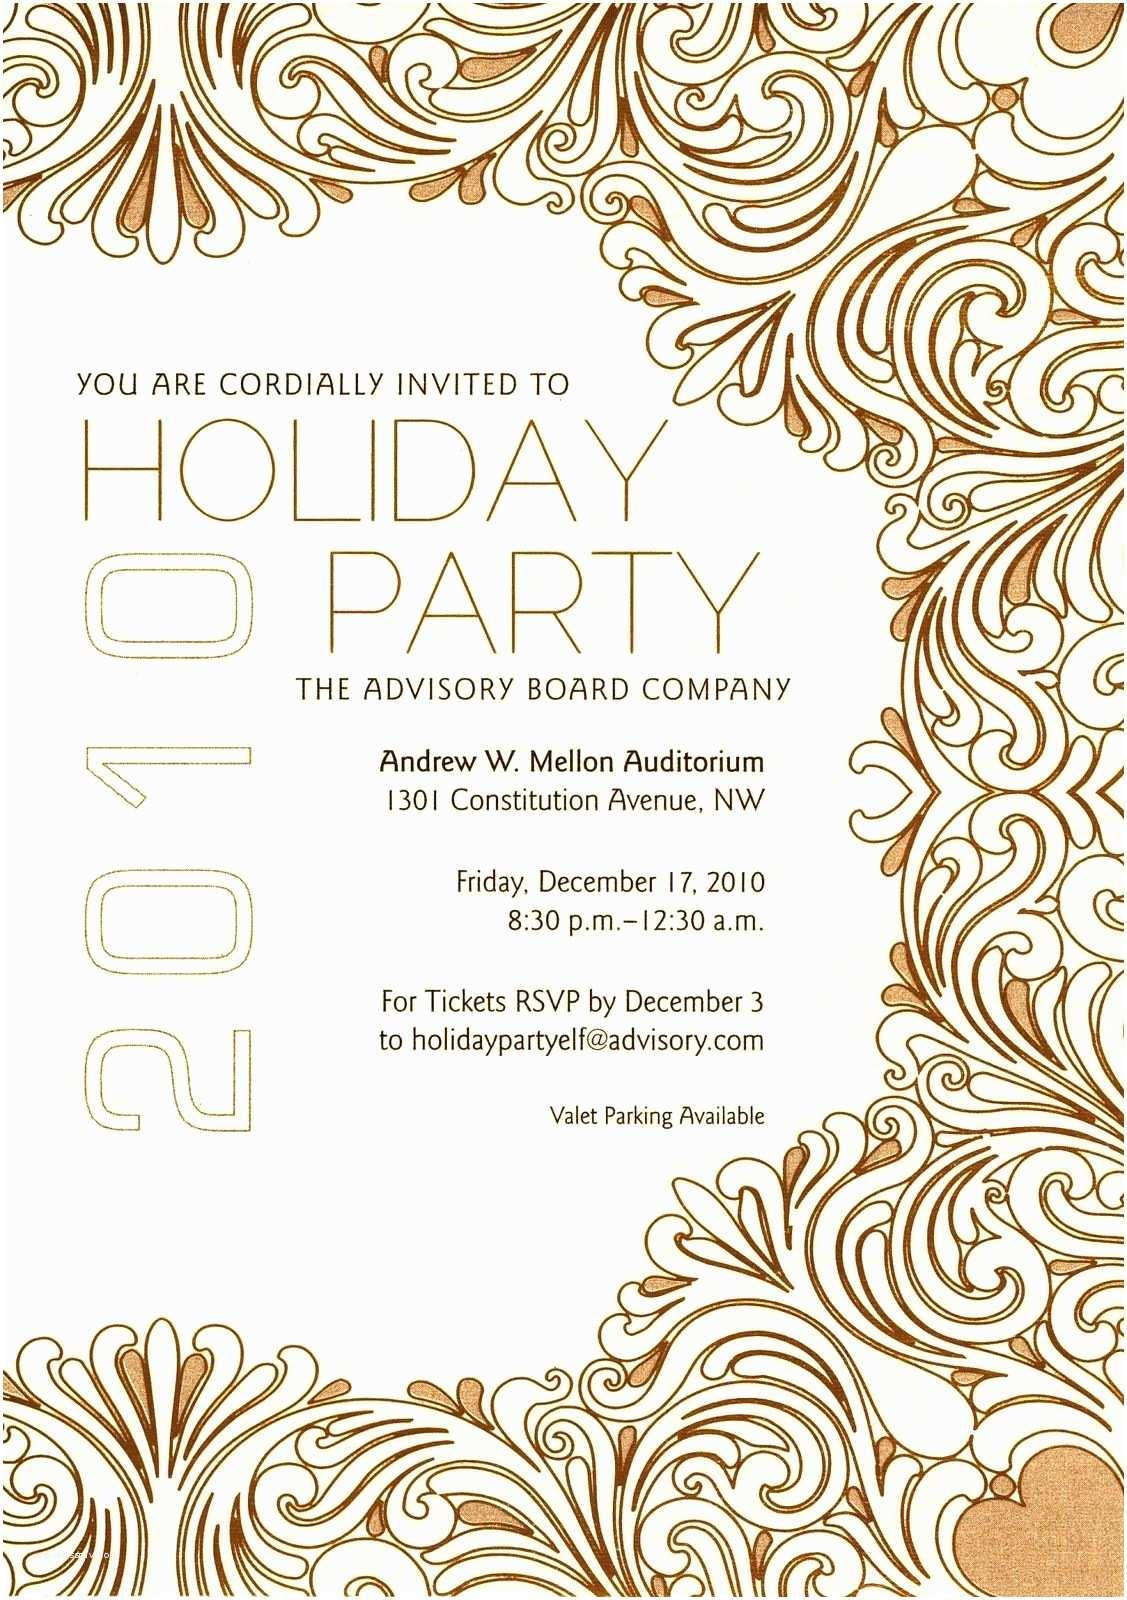 Company Christmas Party Invitations Mysoon Taha Portfolio Pany Christmas Party Invitation